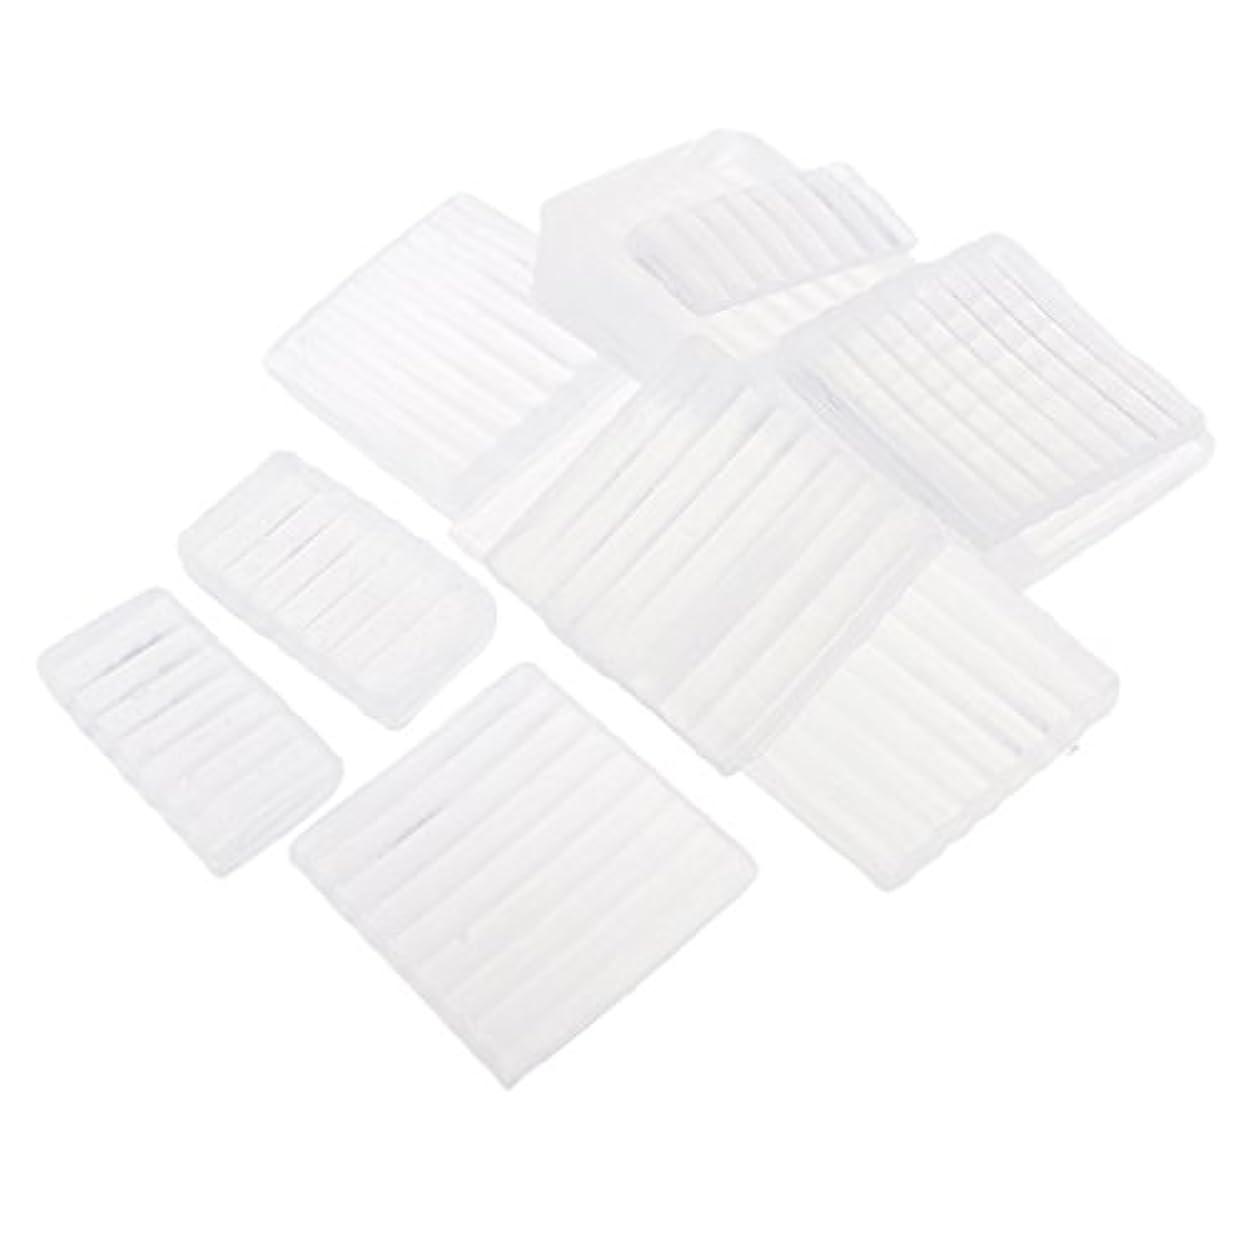 付けるである測る約500g ホワイト 透明 石鹸ベース DIY 手作り 石鹸 材料